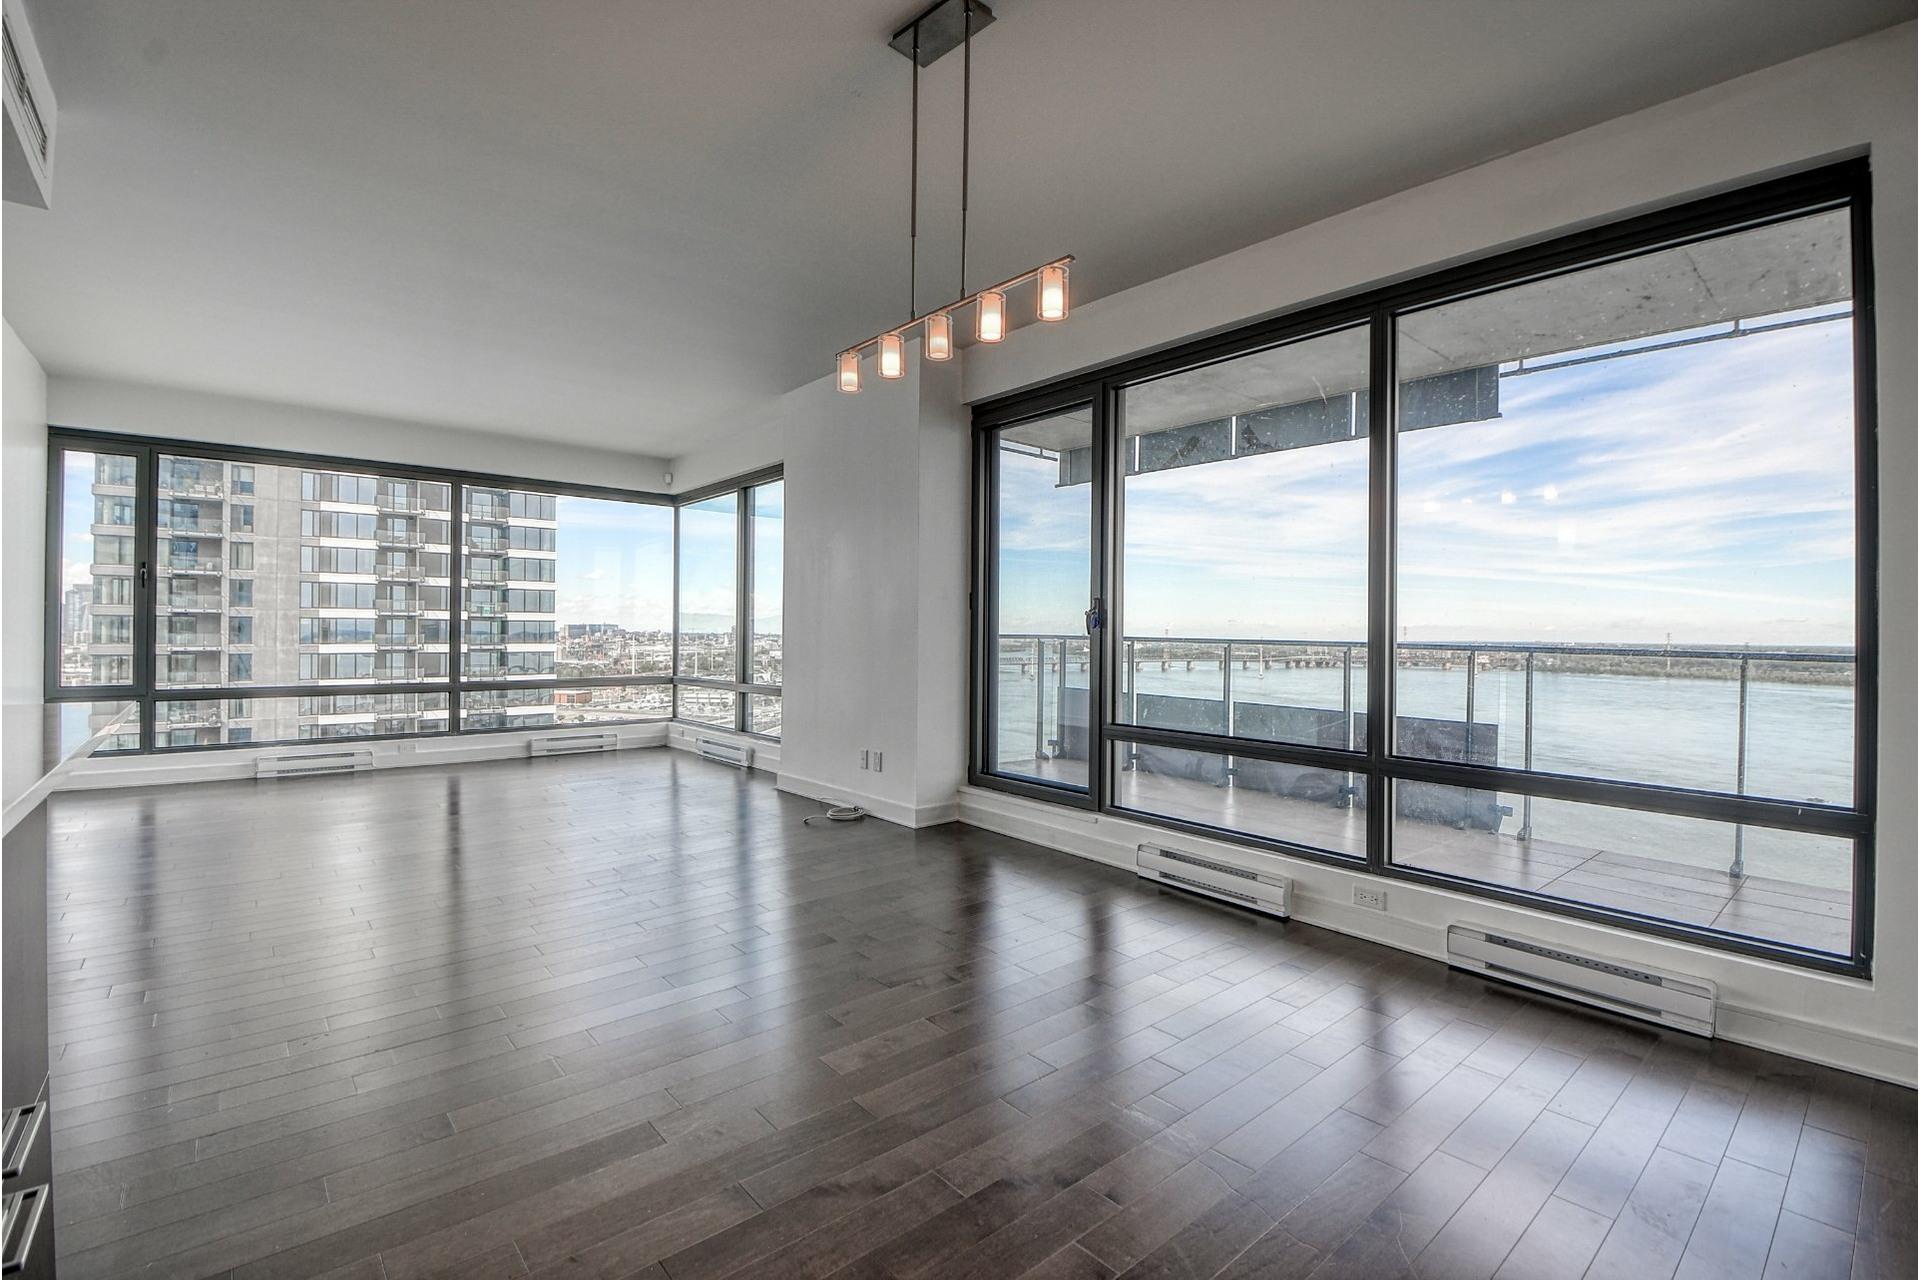 image 5 - Apartment For rent Verdun/Île-des-Soeurs Montréal  - 6 rooms